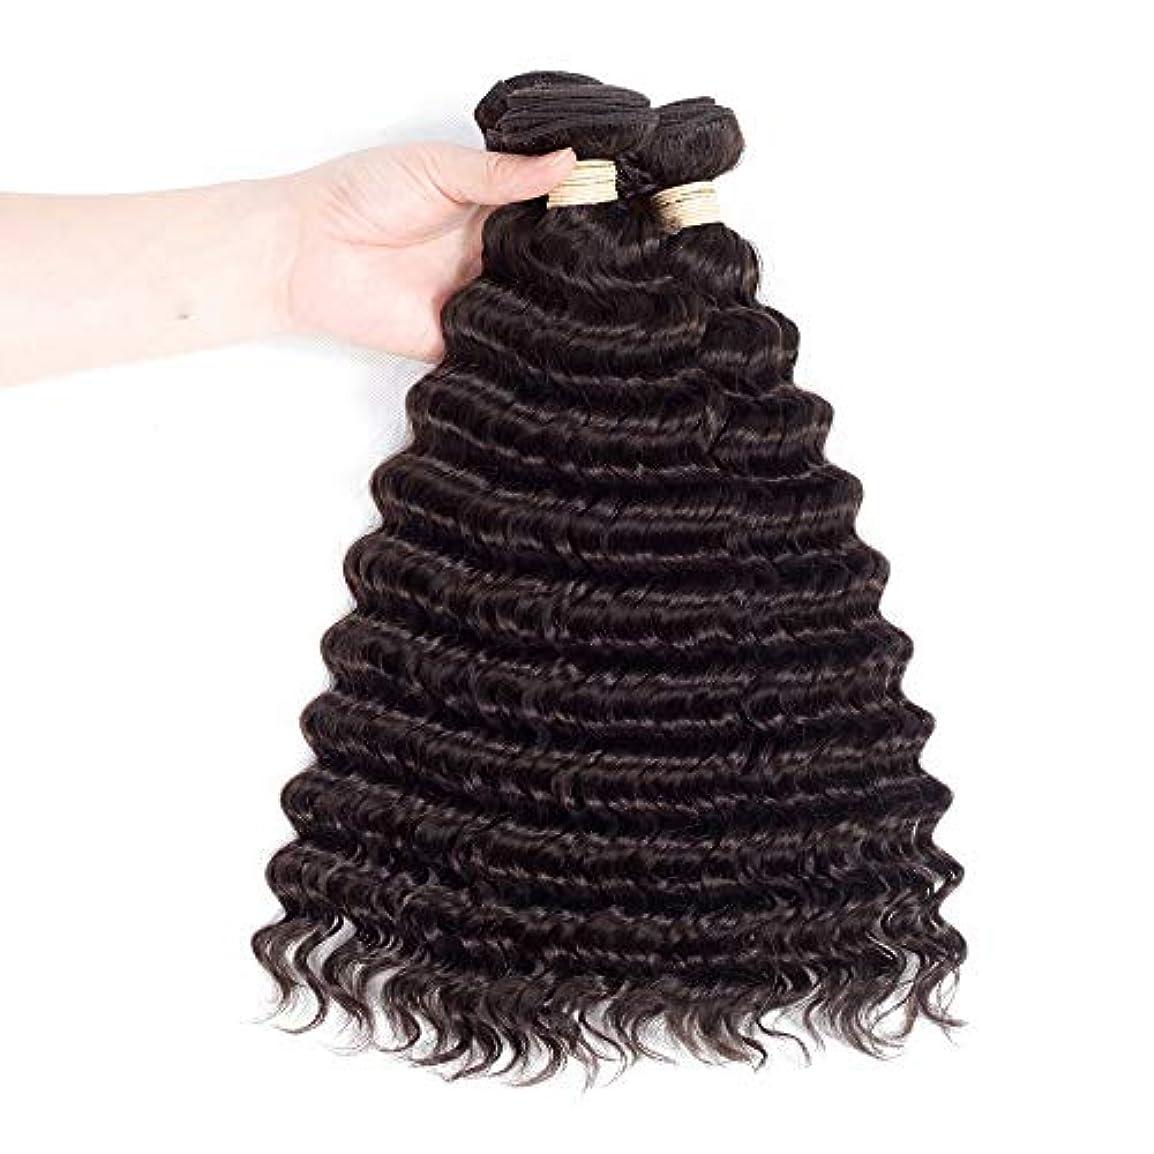 預言者無限アルカトラズ島HOHYLLYA 人間の髪の毛の束ブラジルディープウェーブ本物の人間の髪の毛の織り方#2ダークブラウン(8